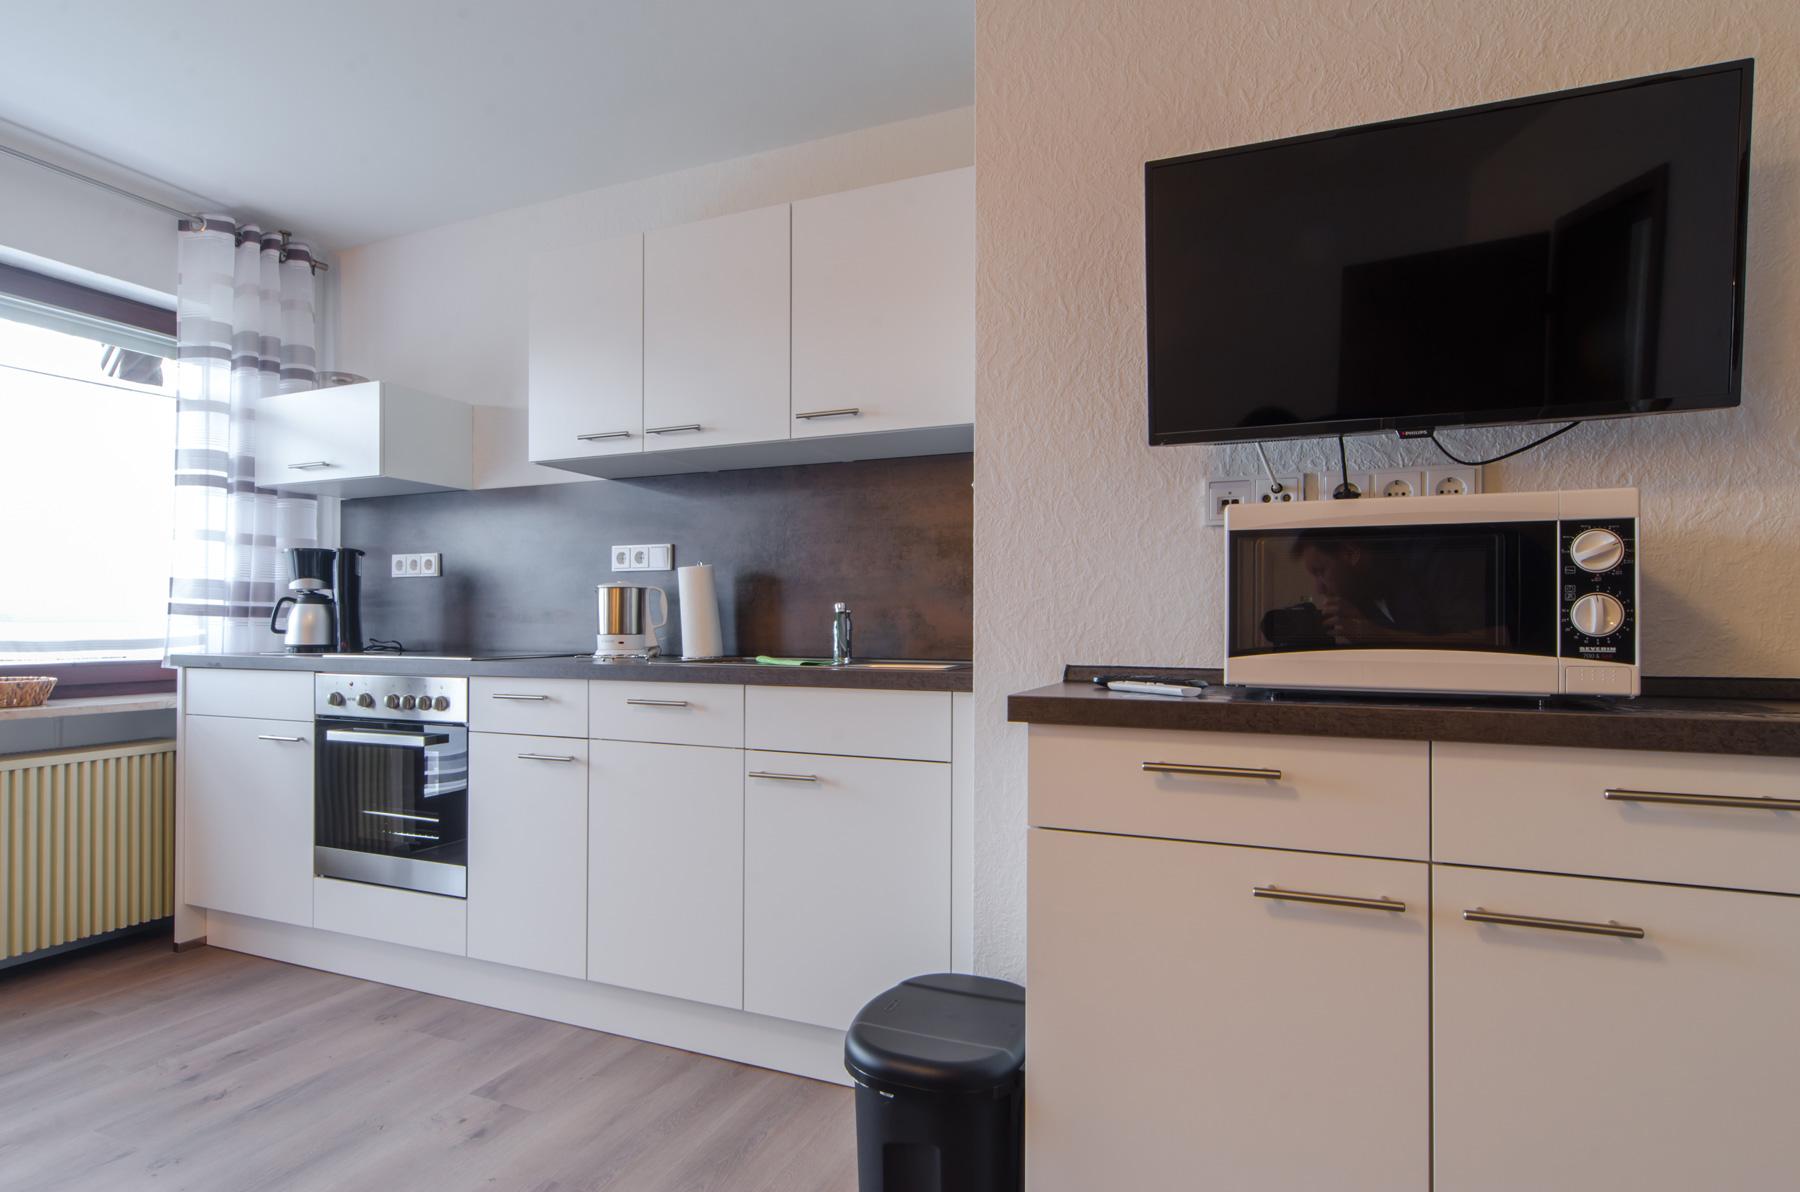 Küchenzeile Zimmer 2